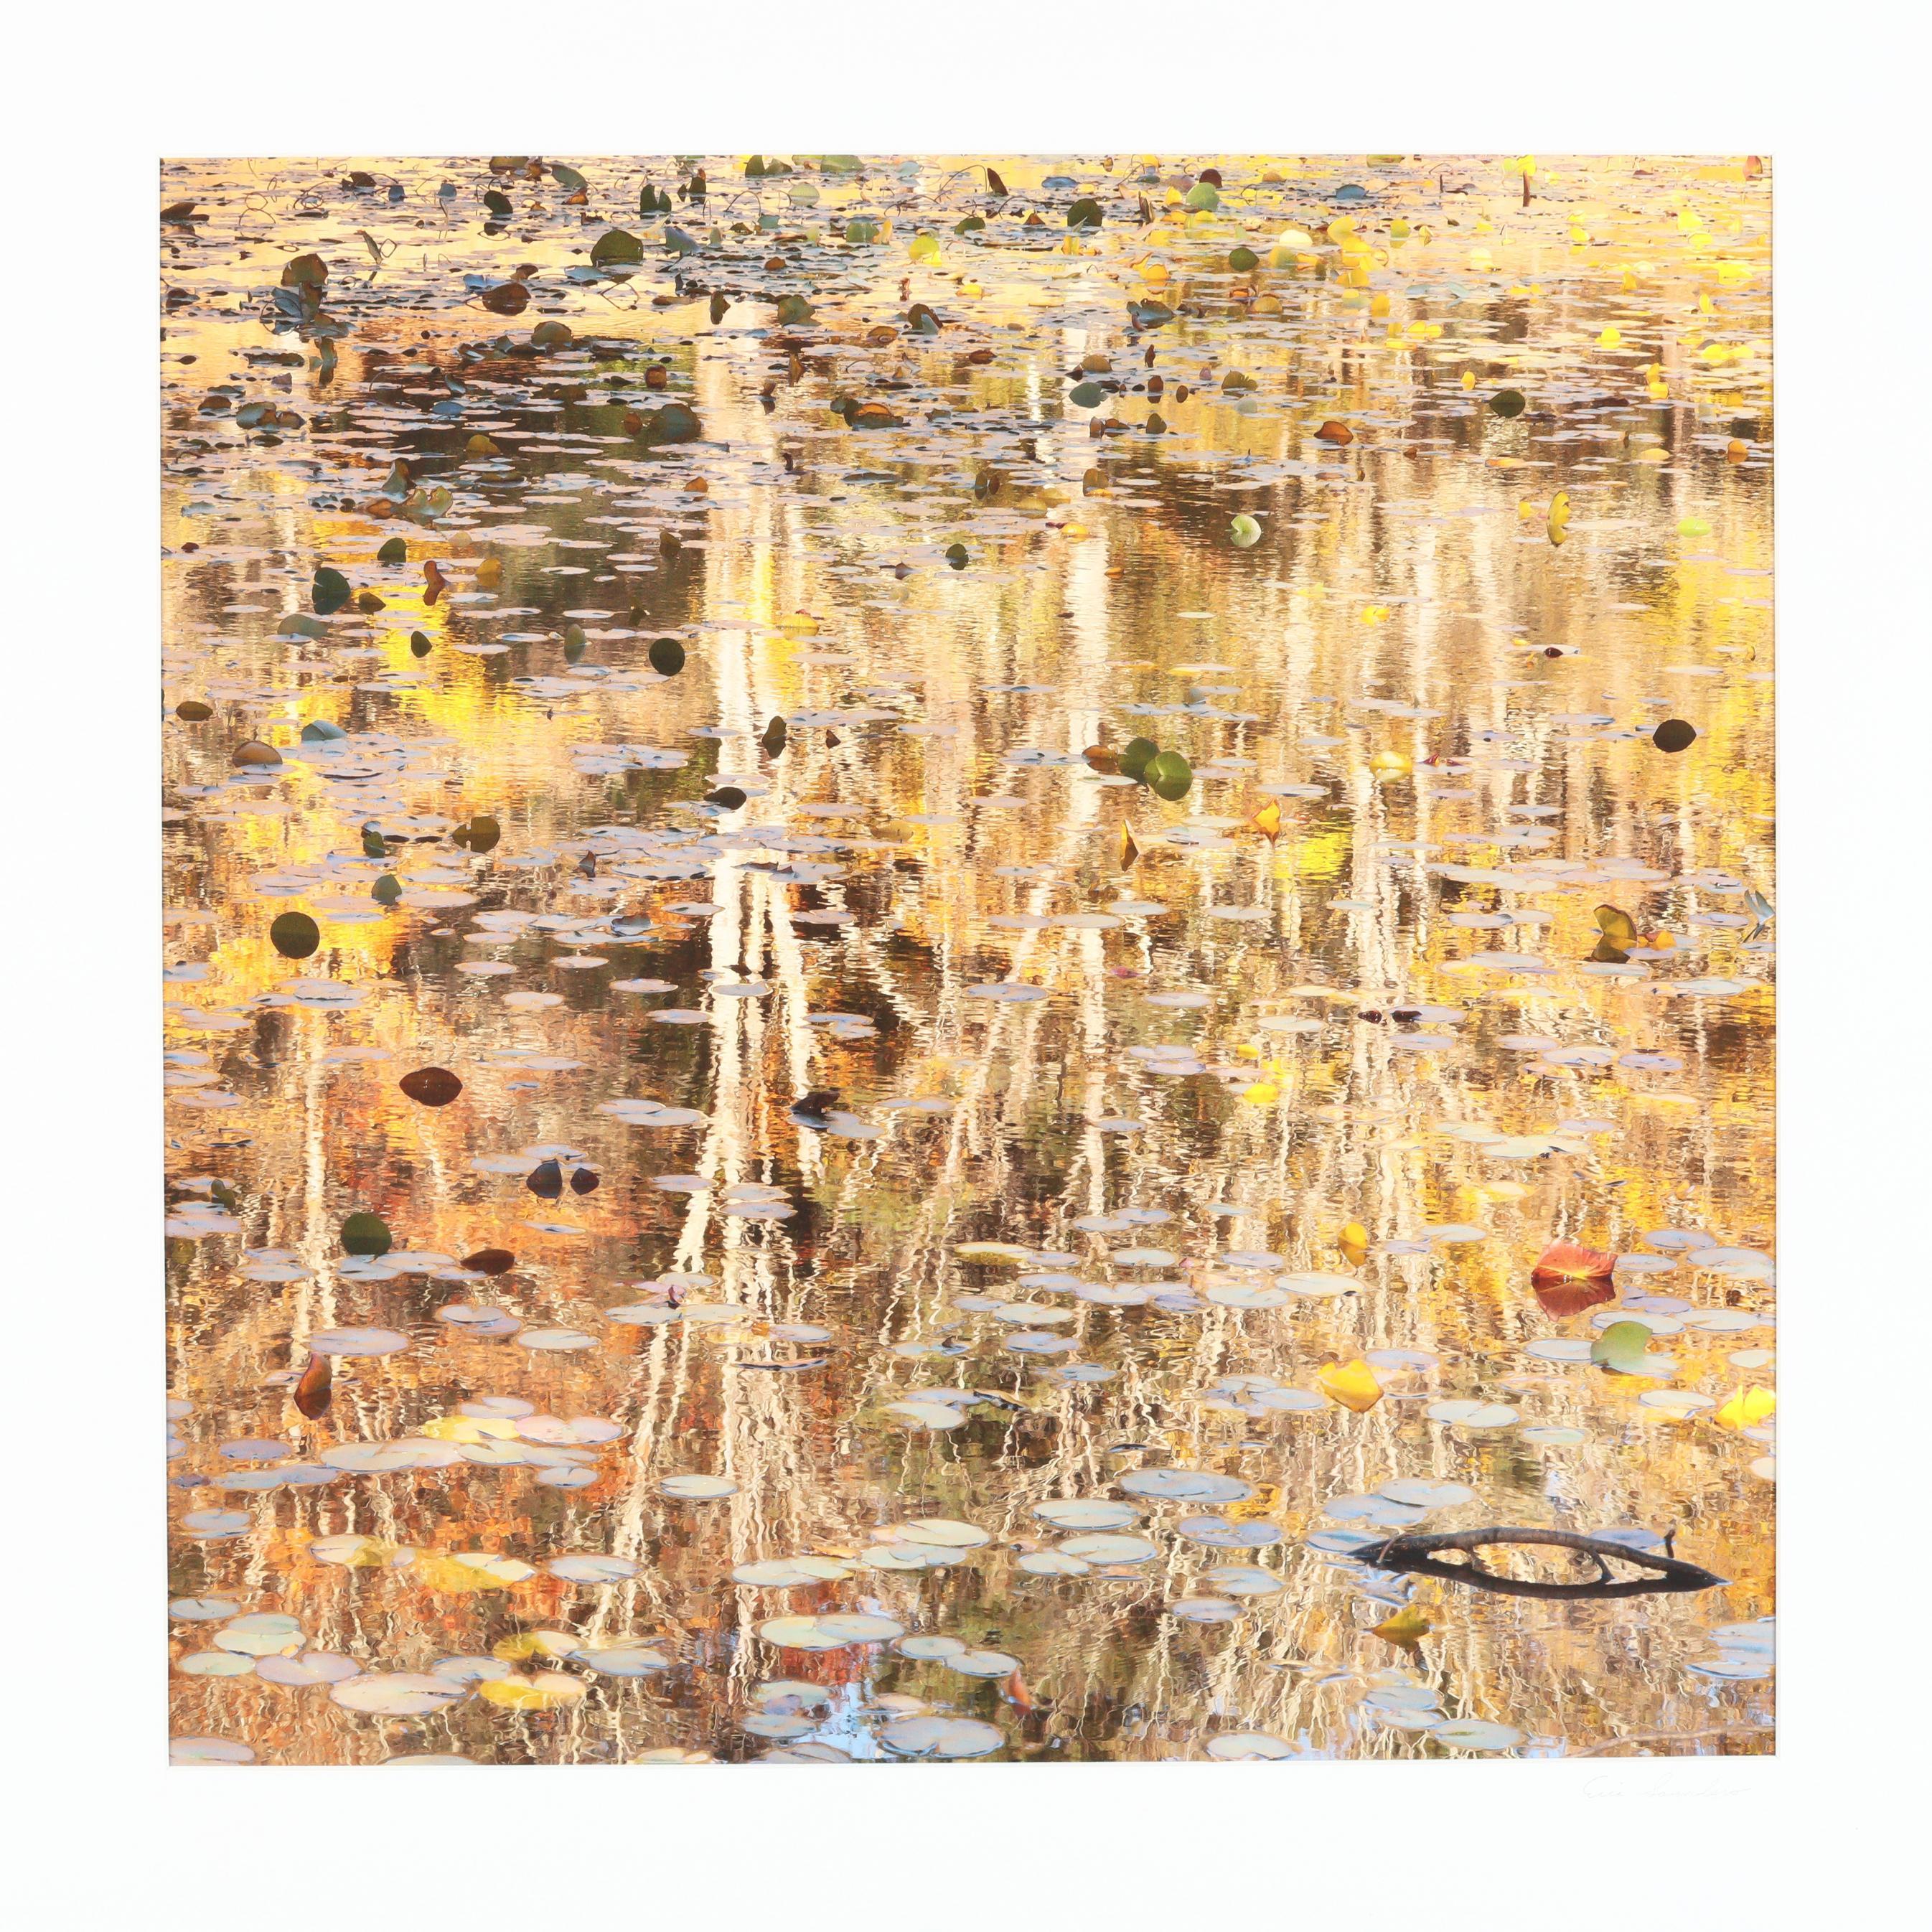 eric-saunders-nc-i-autumn-reflection-v-i